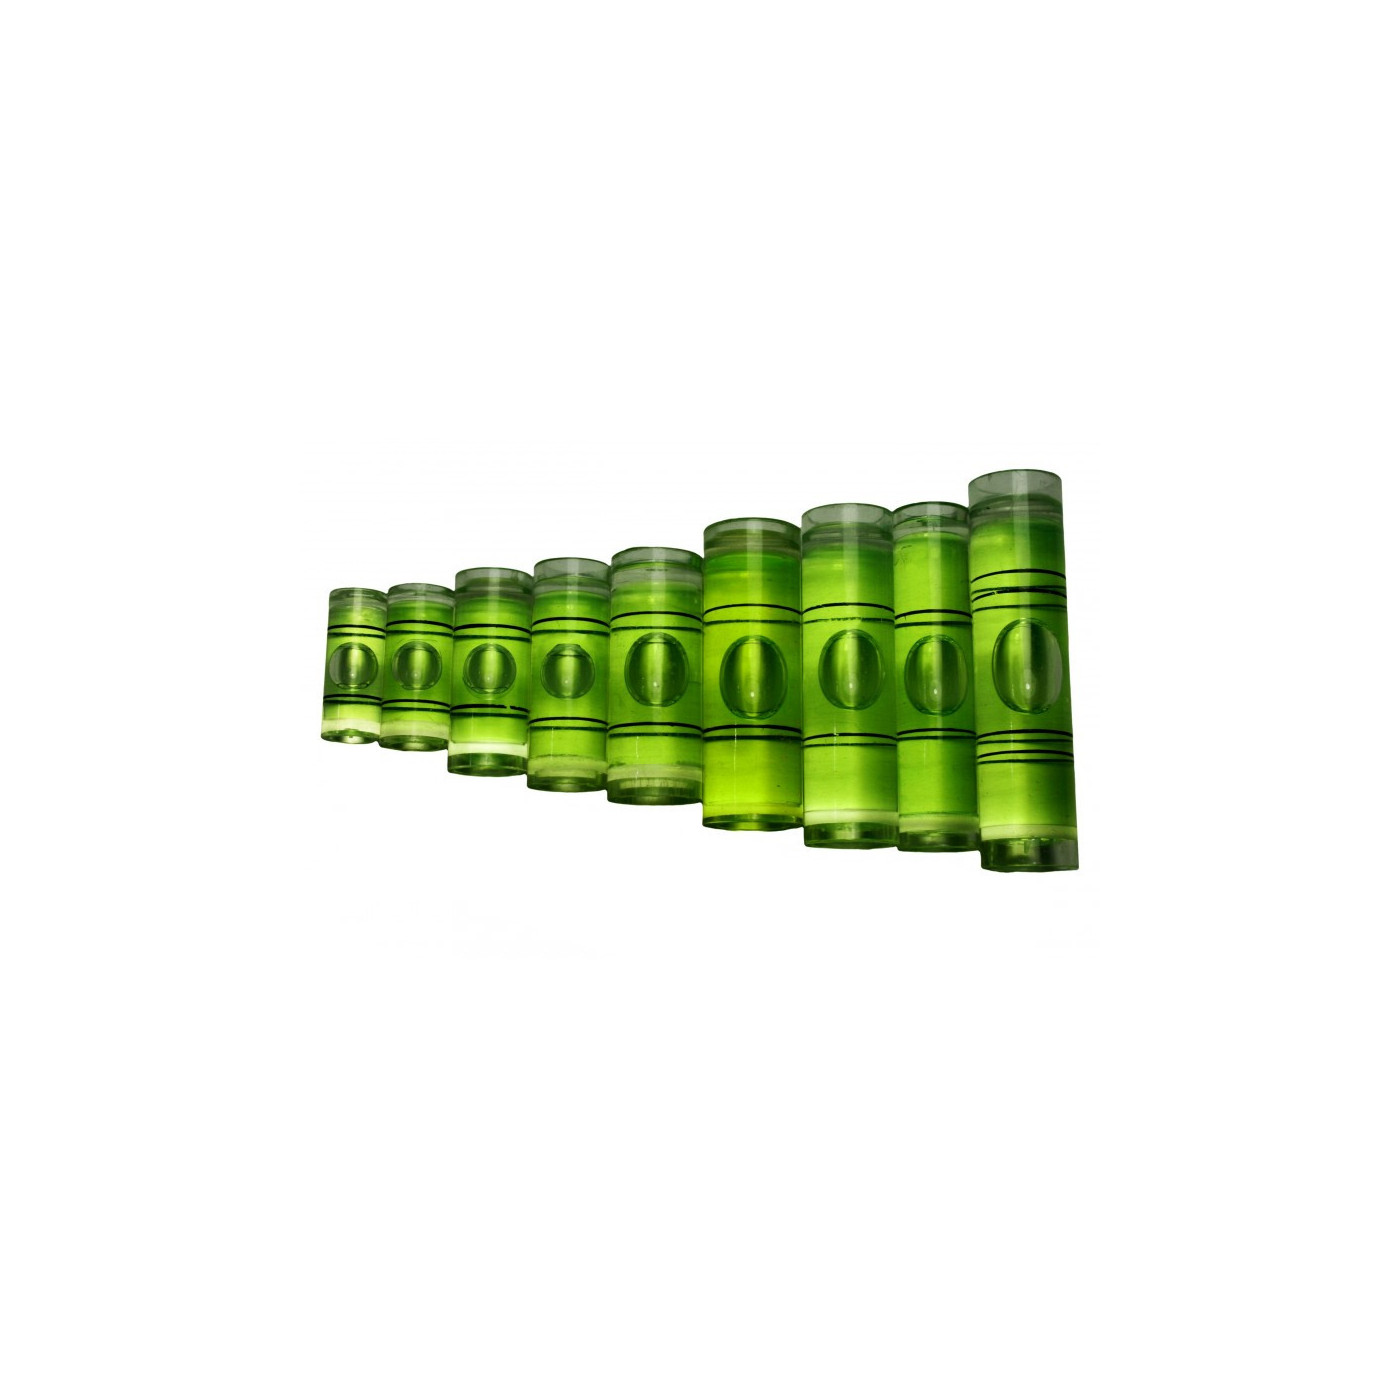 Zestaw 20 fiolek na poziomice (rozmiar 6, zielony)  - 1